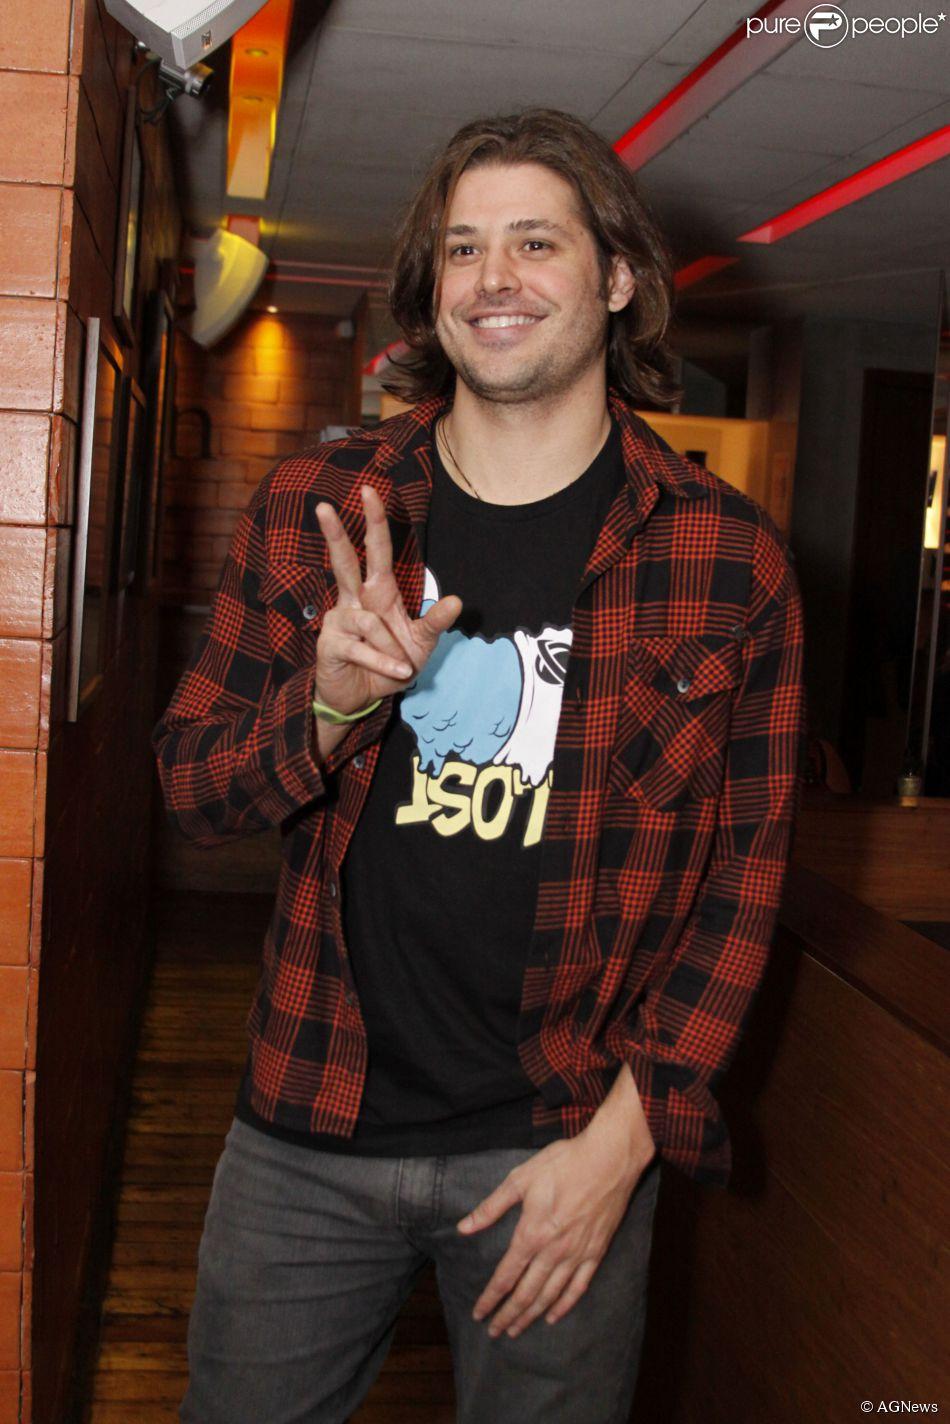 Coordenador de produção da Record, Carlos Henrique Andrade Araújo diz sobre suposta agressão de Dado Dolabella: 'Não admito que isso fique impune'. Ele conversou com o jornal 'Estra' em 18 de abril de 2014